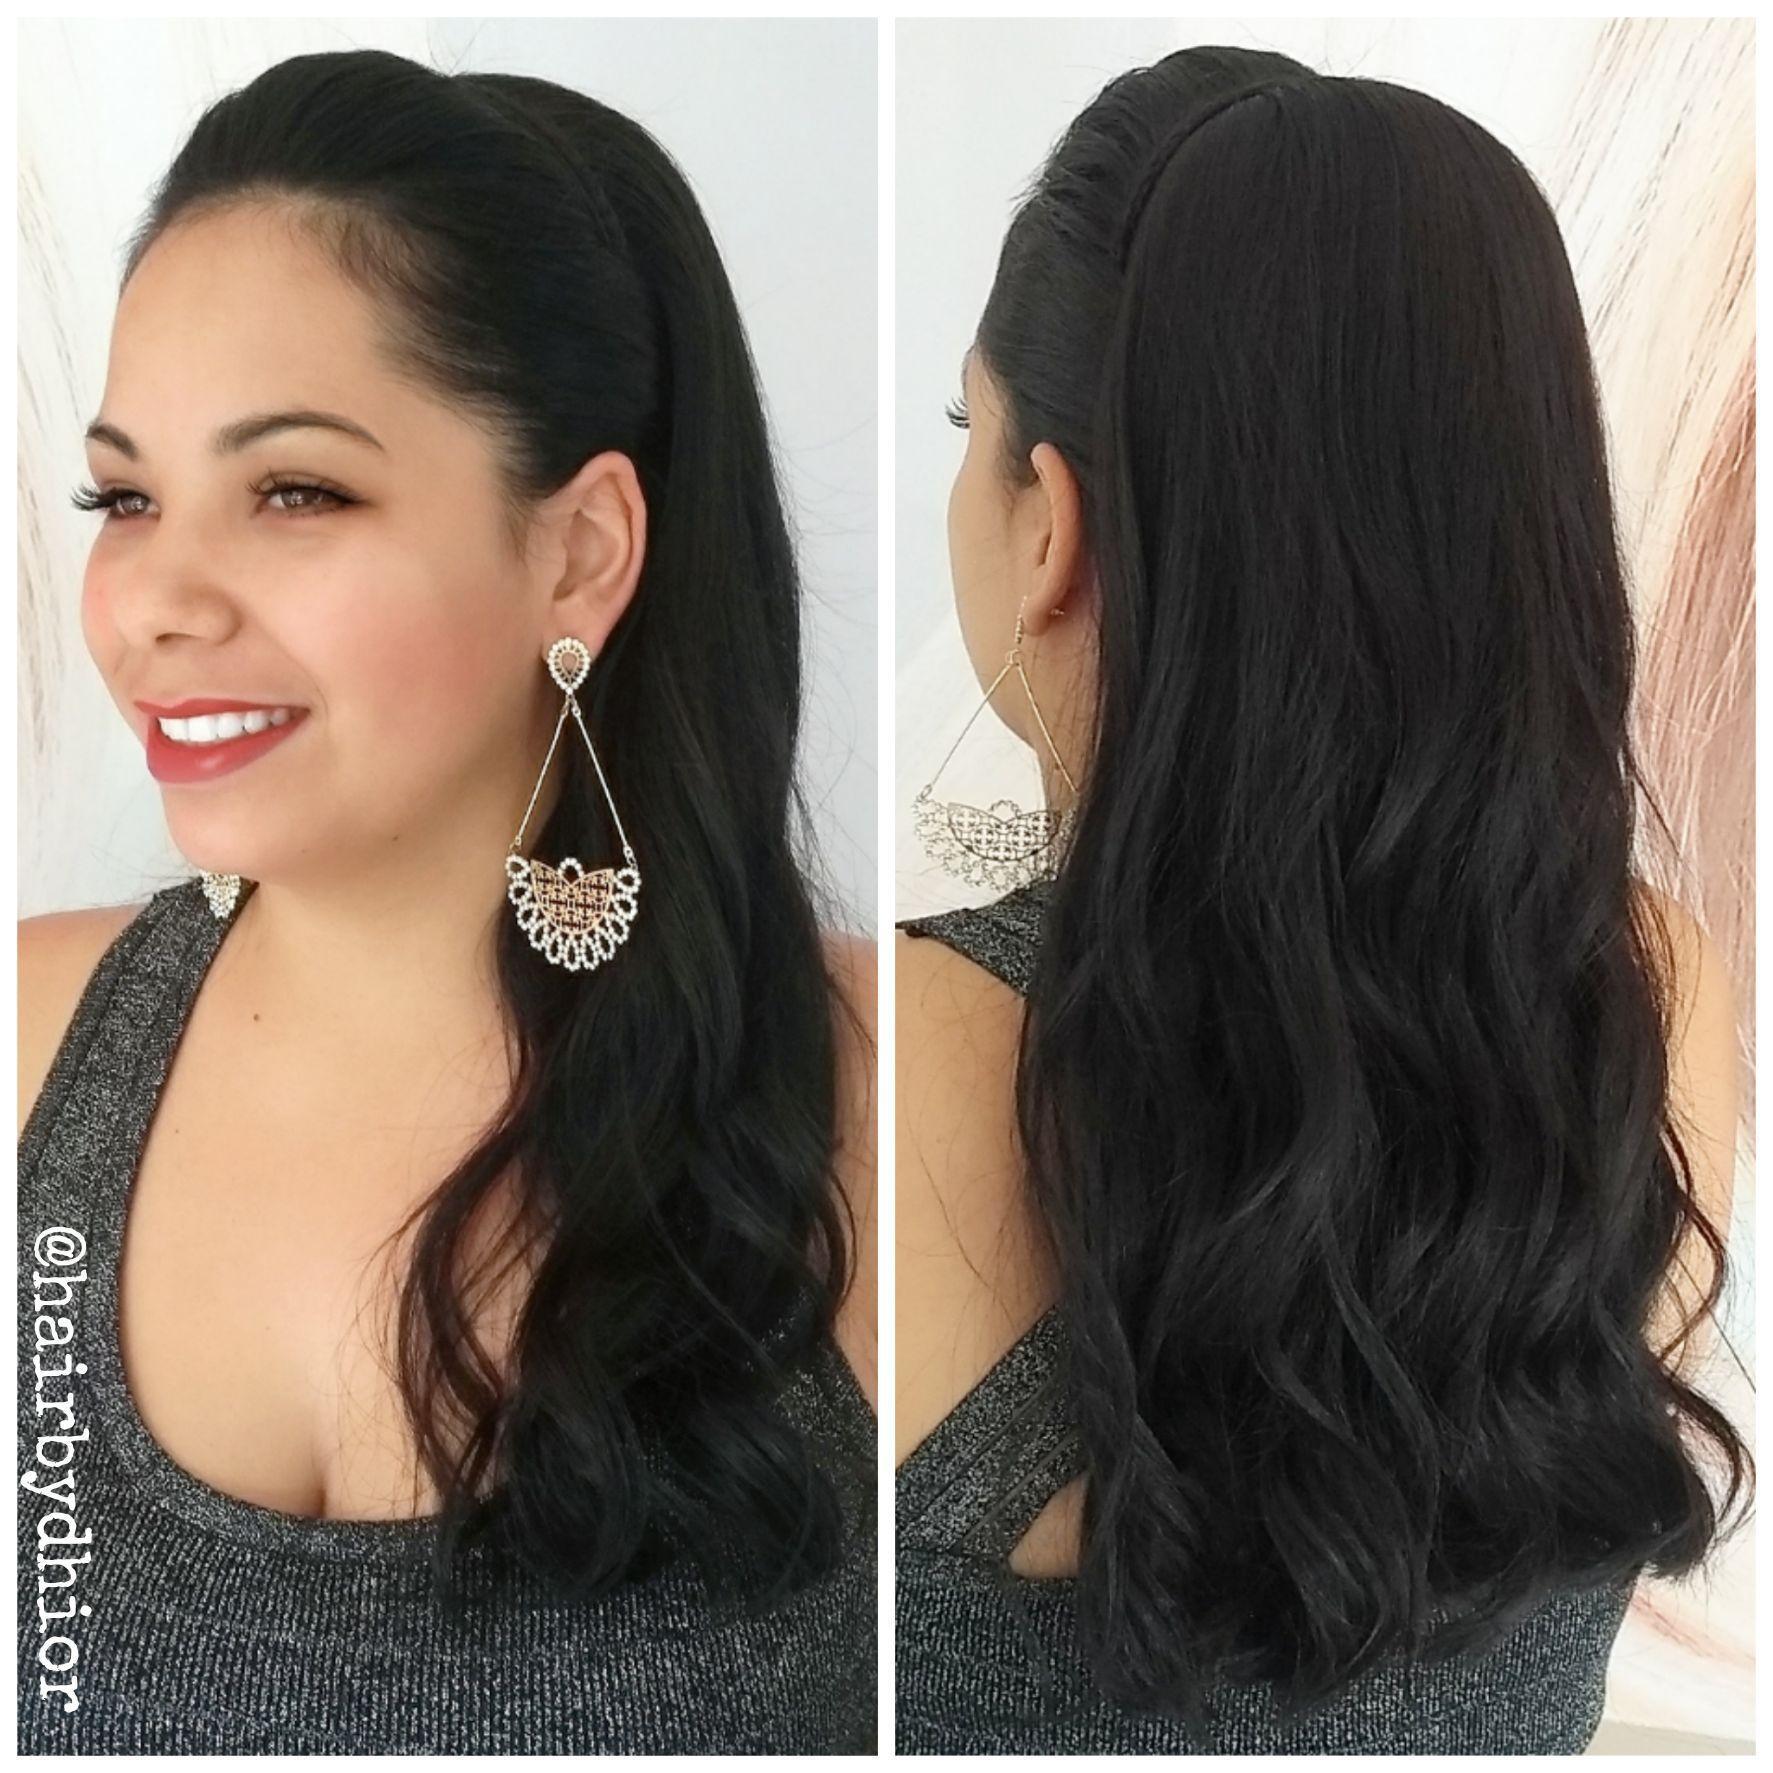 Penteado Tiara de Trança cabelo cabeleireiro(a)